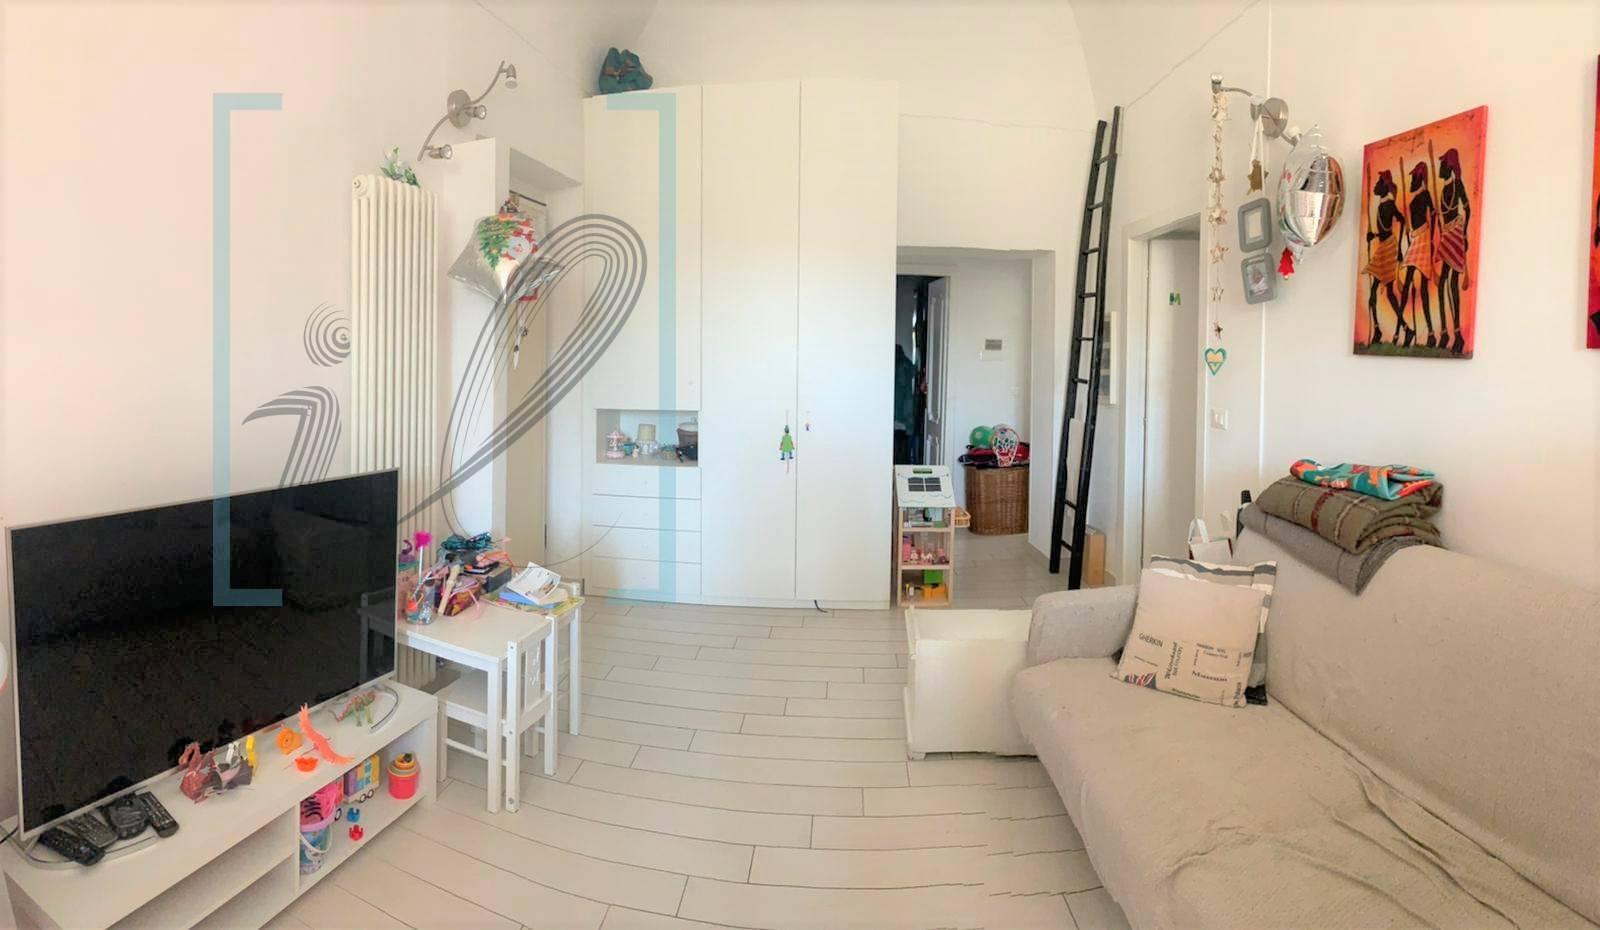 Appartamento in vendita a Albenga, 4 locali, zona Località: Centro, prezzo € 170.000 | PortaleAgenzieImmobiliari.it